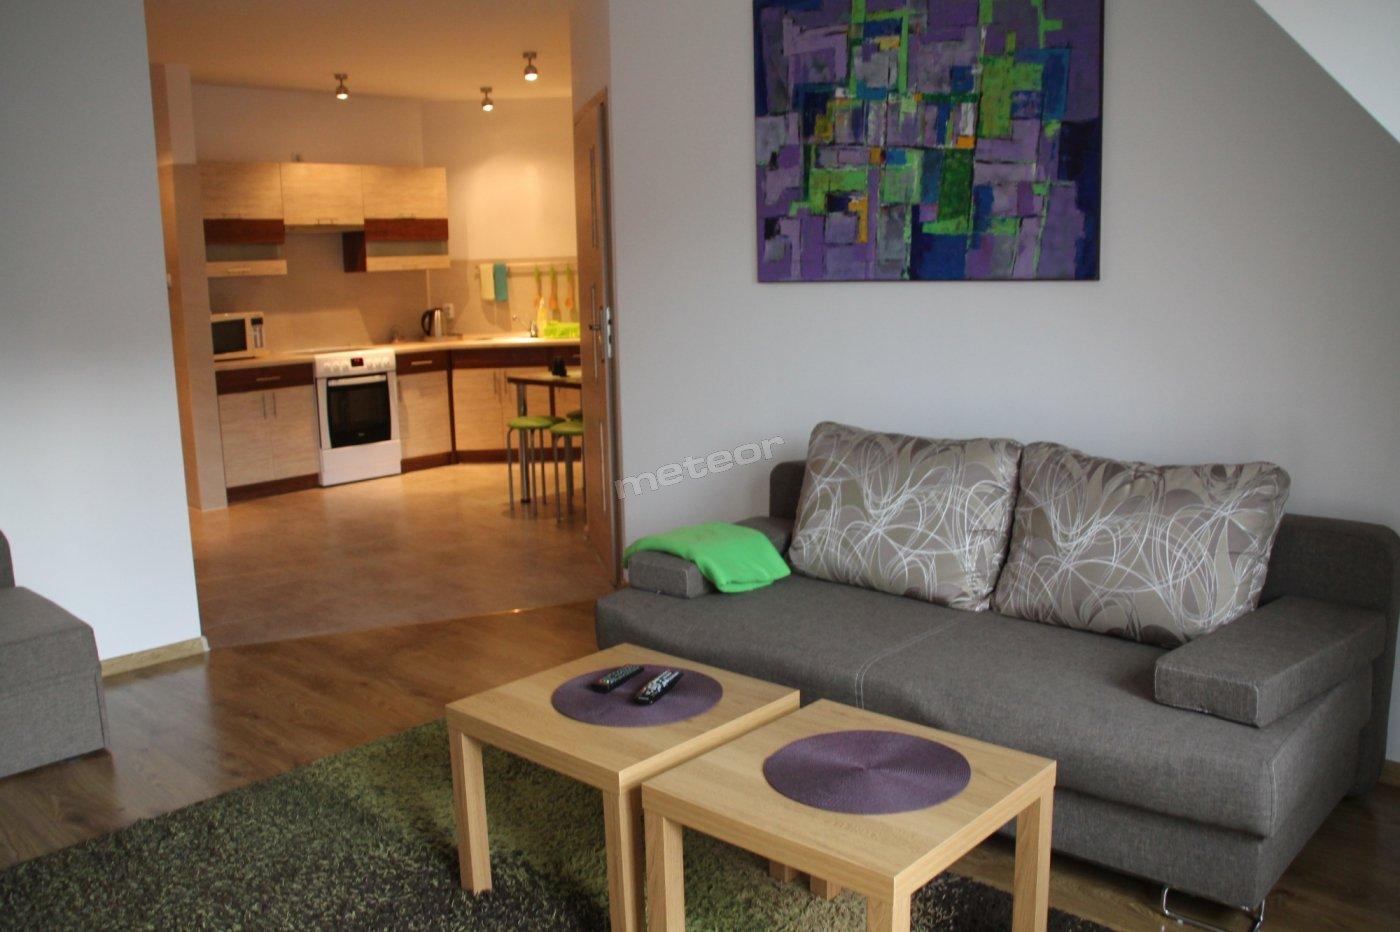 Samodzielny apartament Lux w Mrągowie.Apartament wyposażony jest komfortowo i nowocześnie.